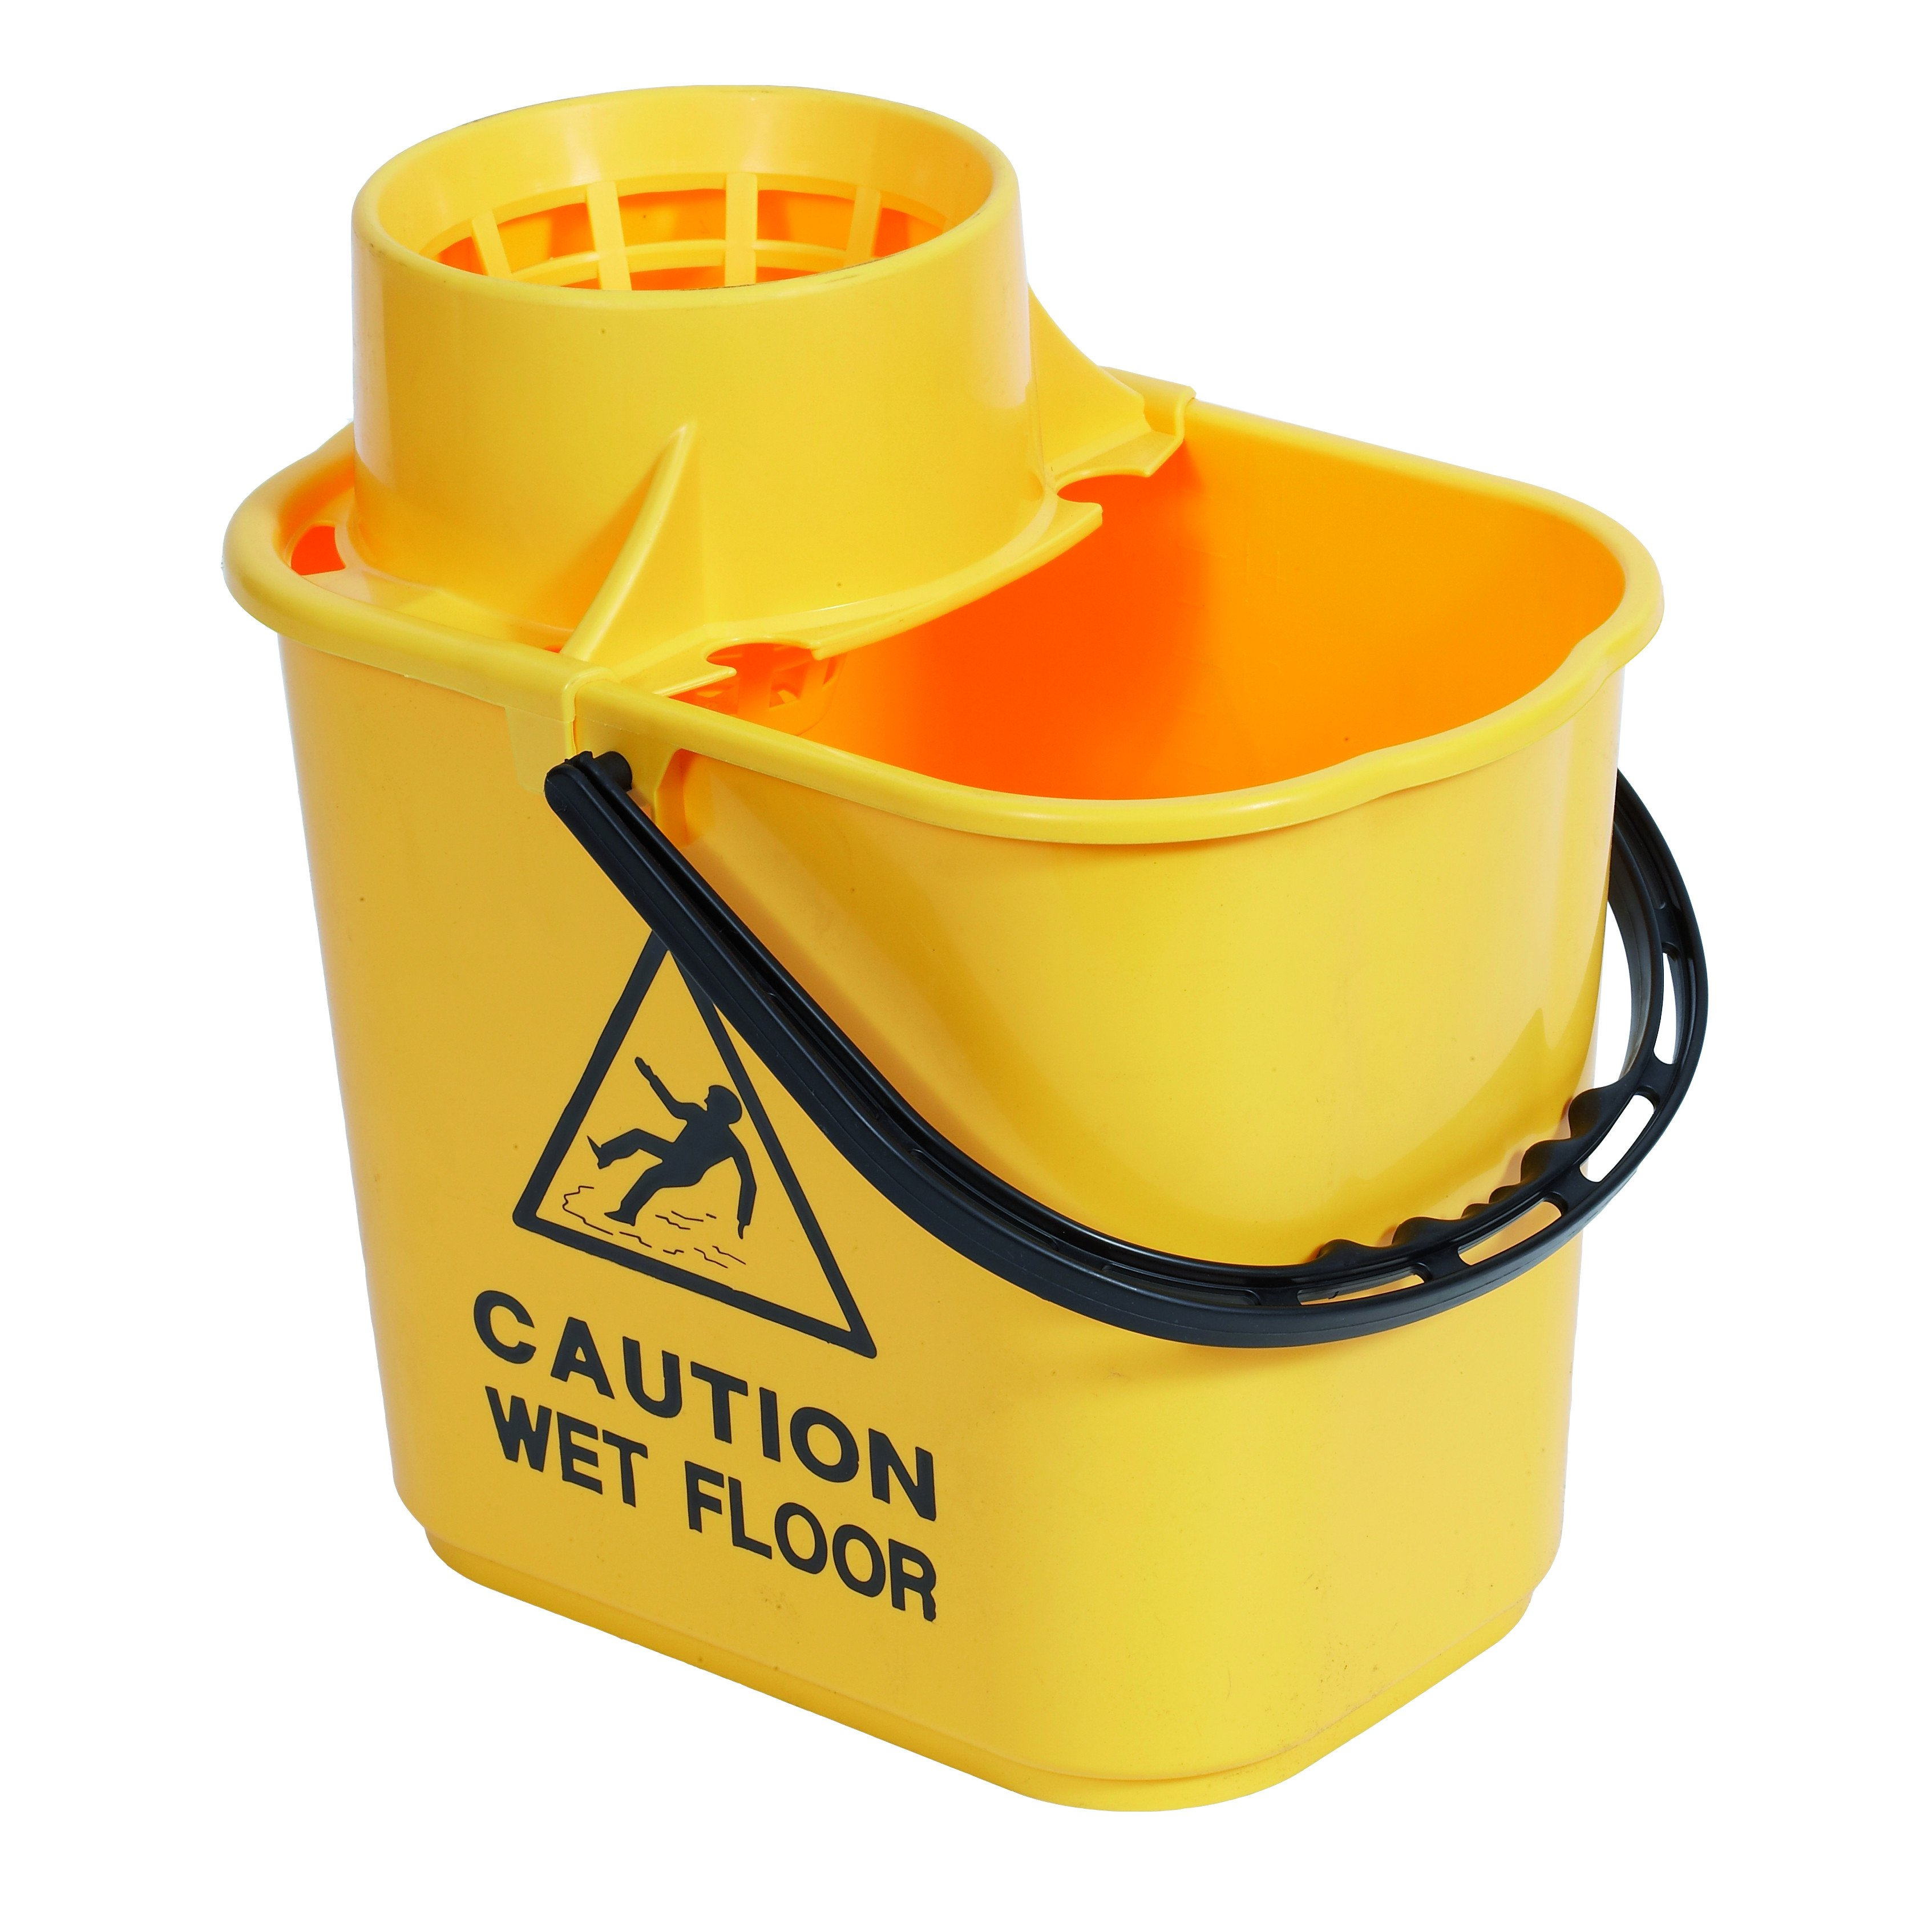 Exel Mop Bucket 15 Litre Janitorial Direct Ltd